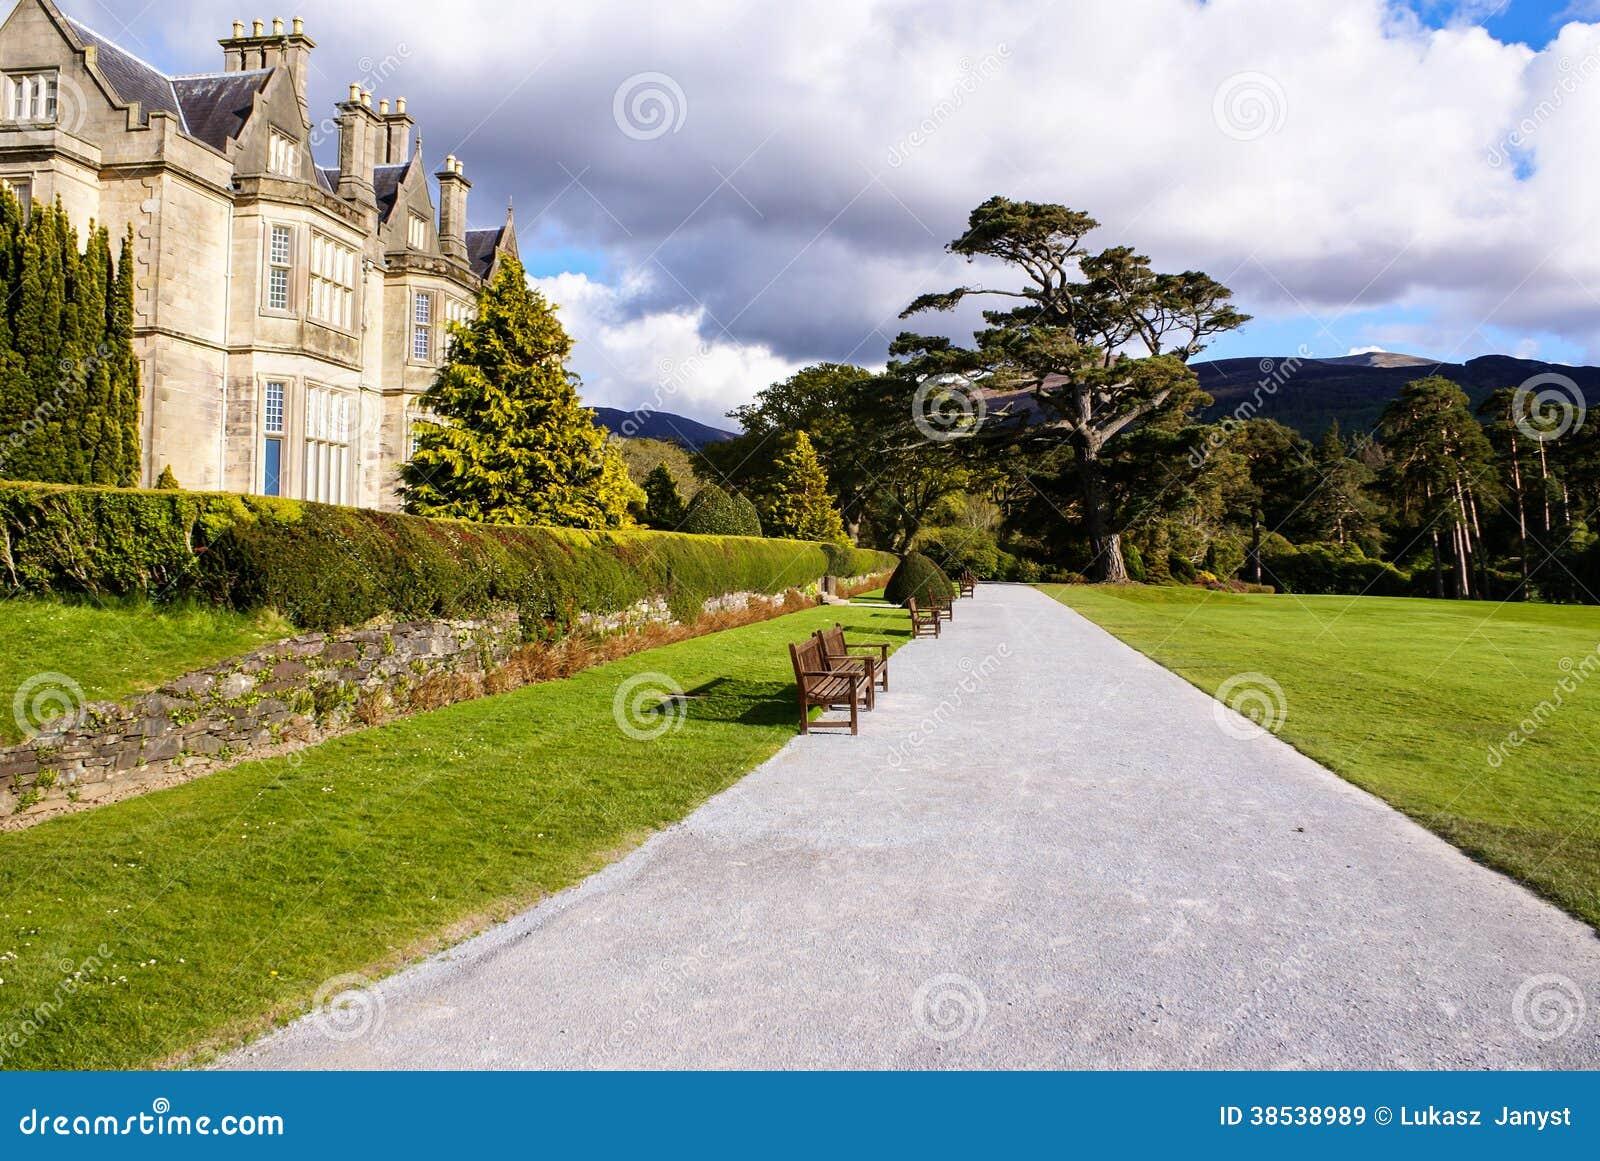 Chambre et jardins de muckross en parc national killarney - Conseil national des parcs et jardins ...